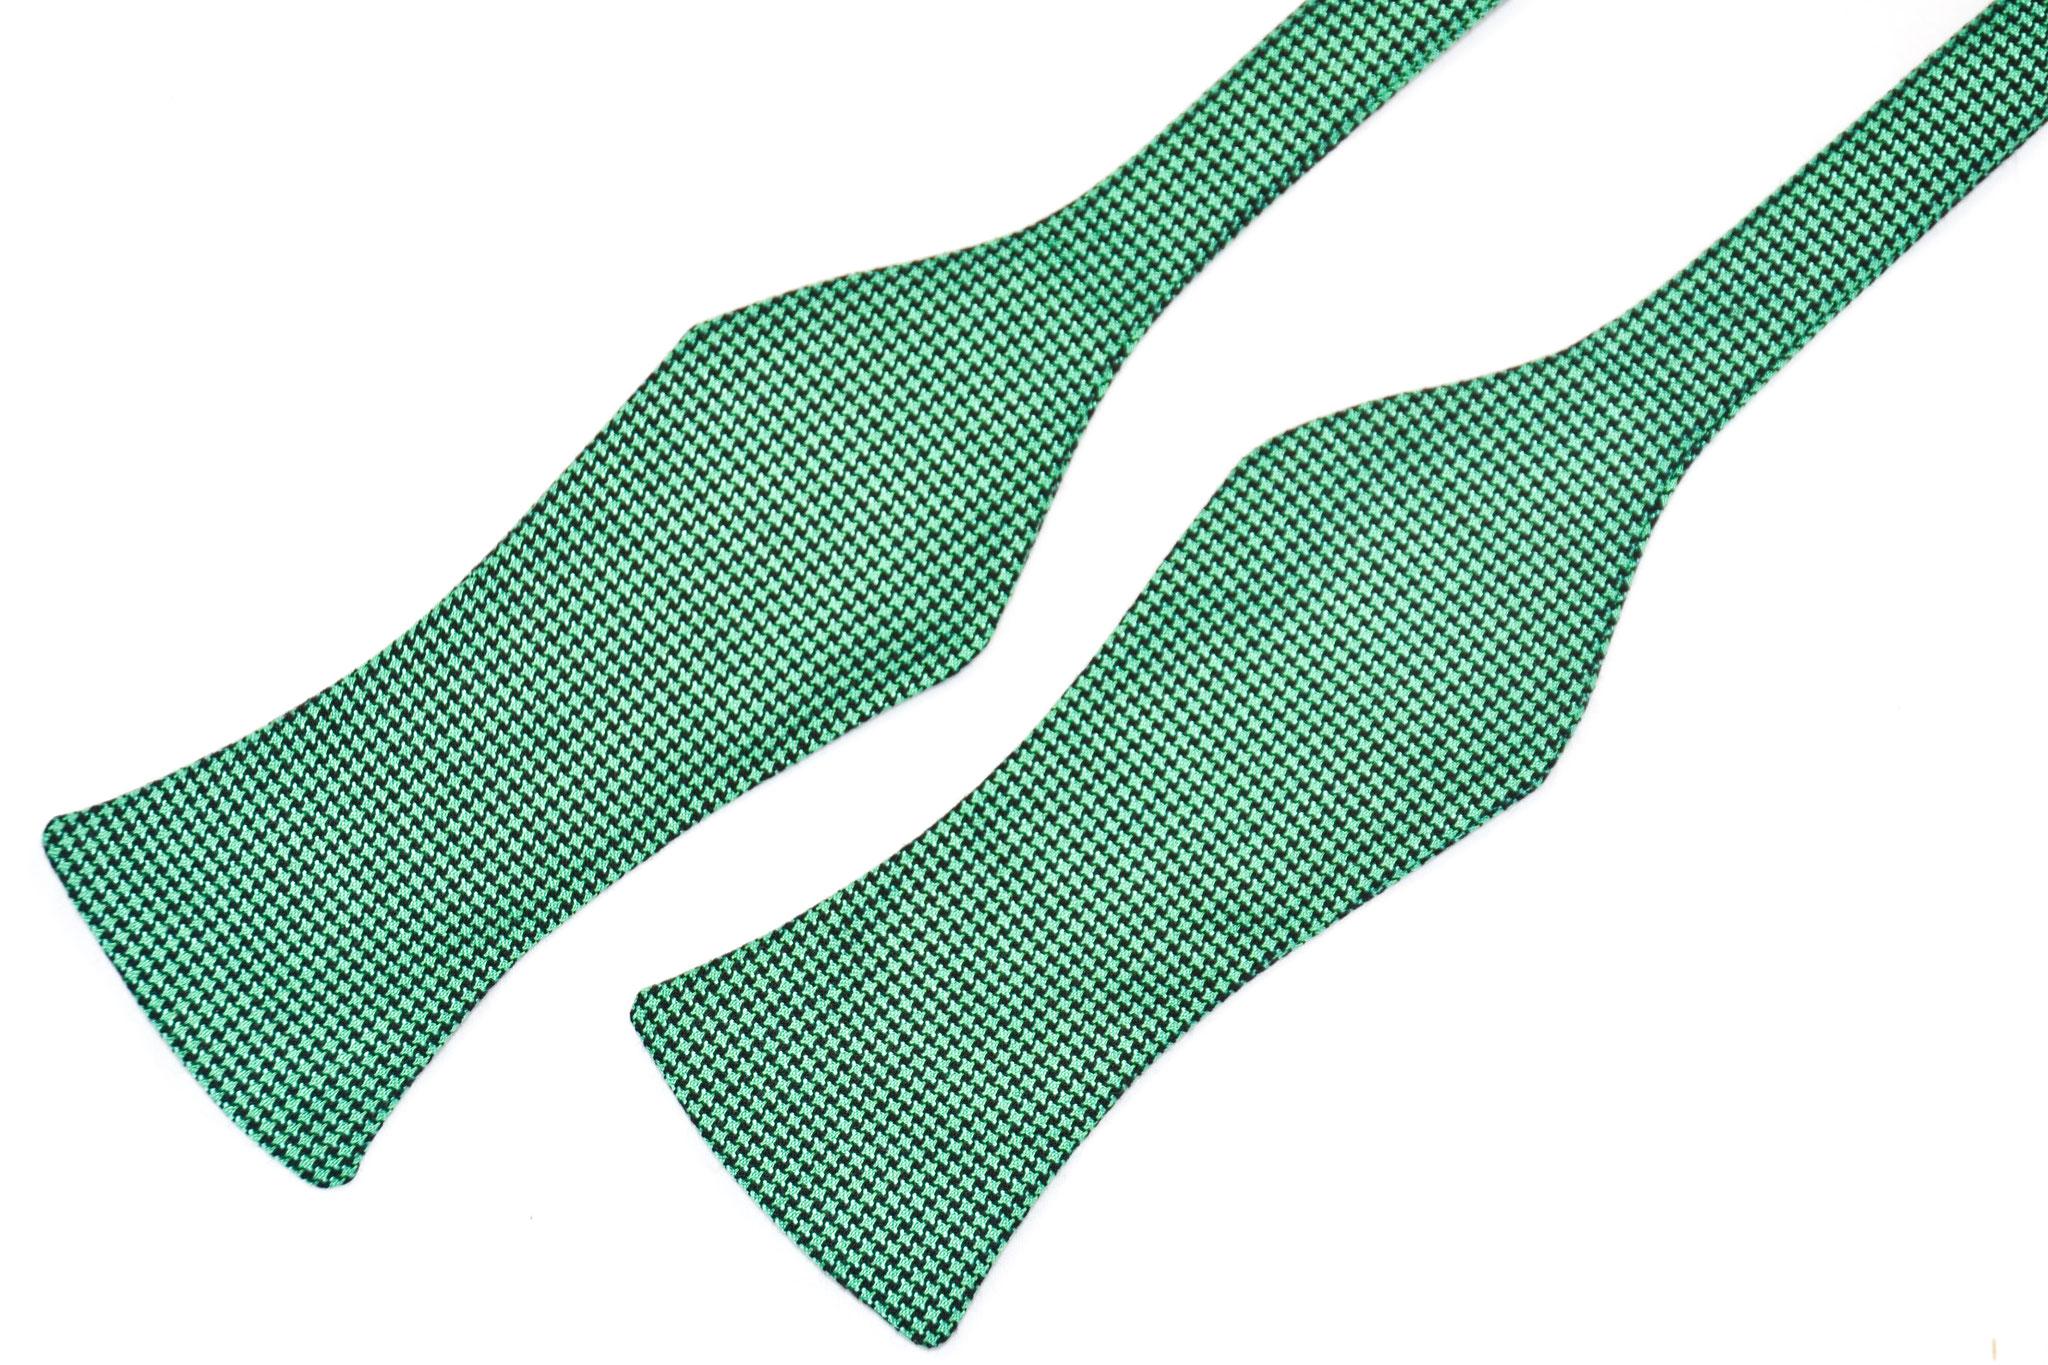 Herren Anzug Fliege zum selbstbinden in schwarz grün elegant- Schleife